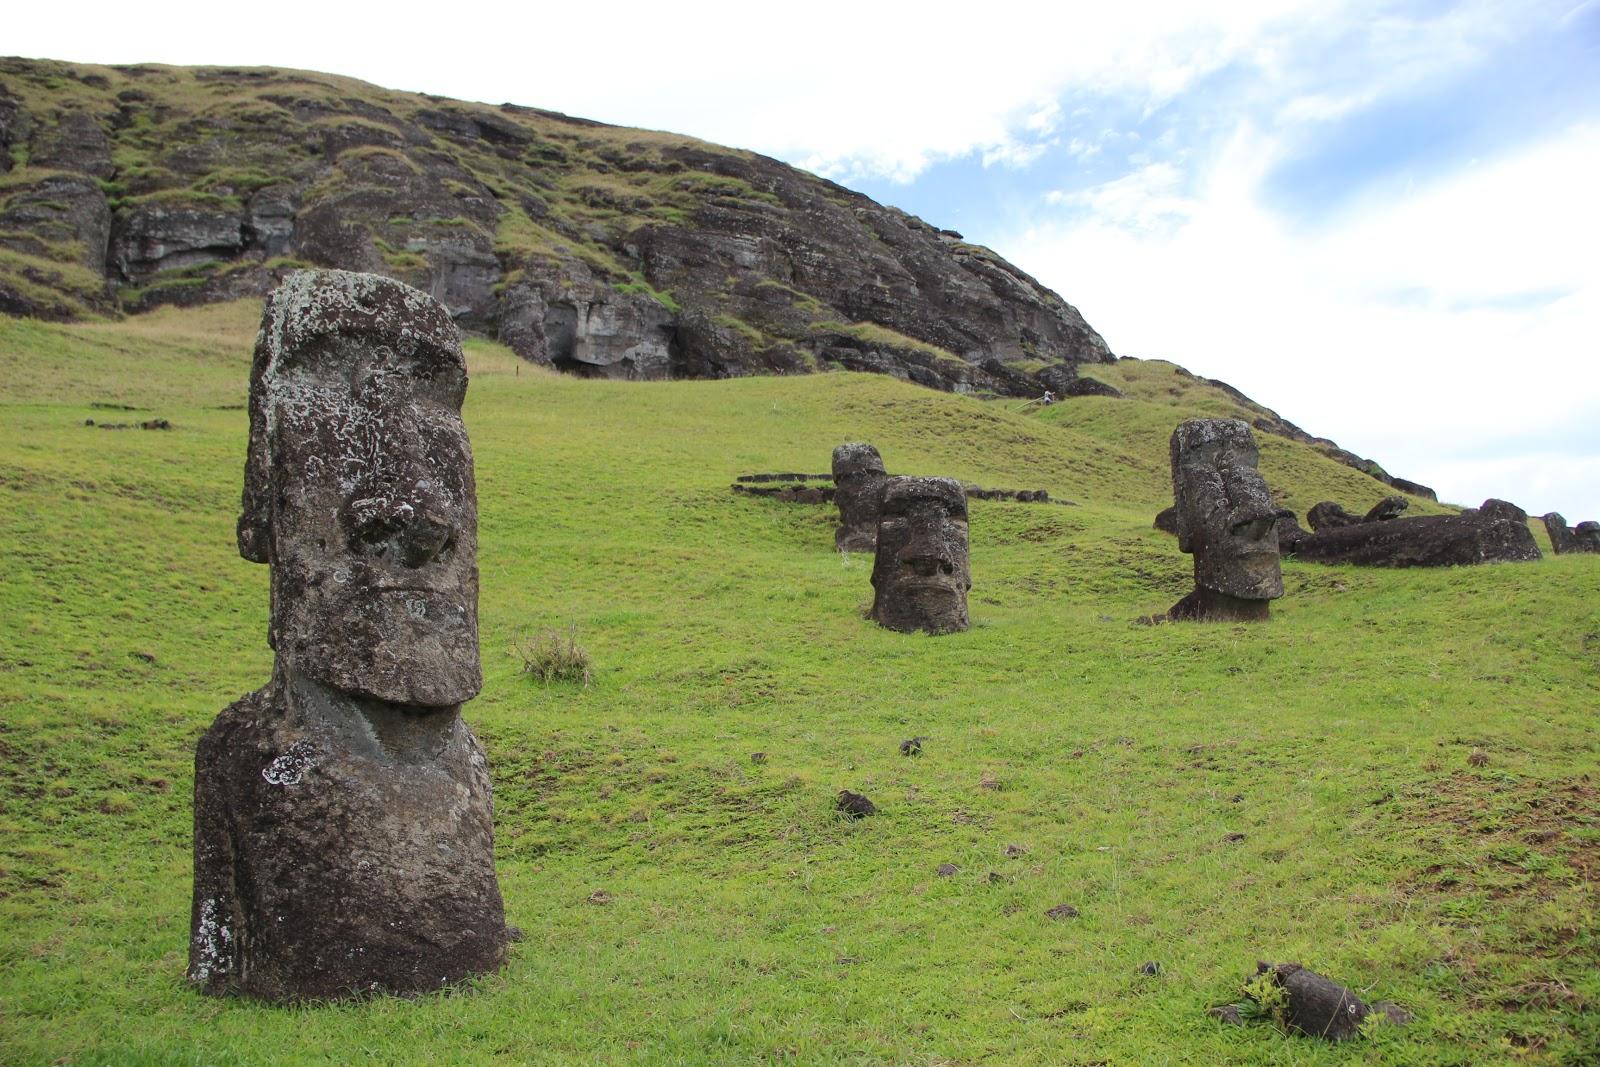 イースター島のラノ・ララクの土に半分だけ埋まった幾つものモアイ